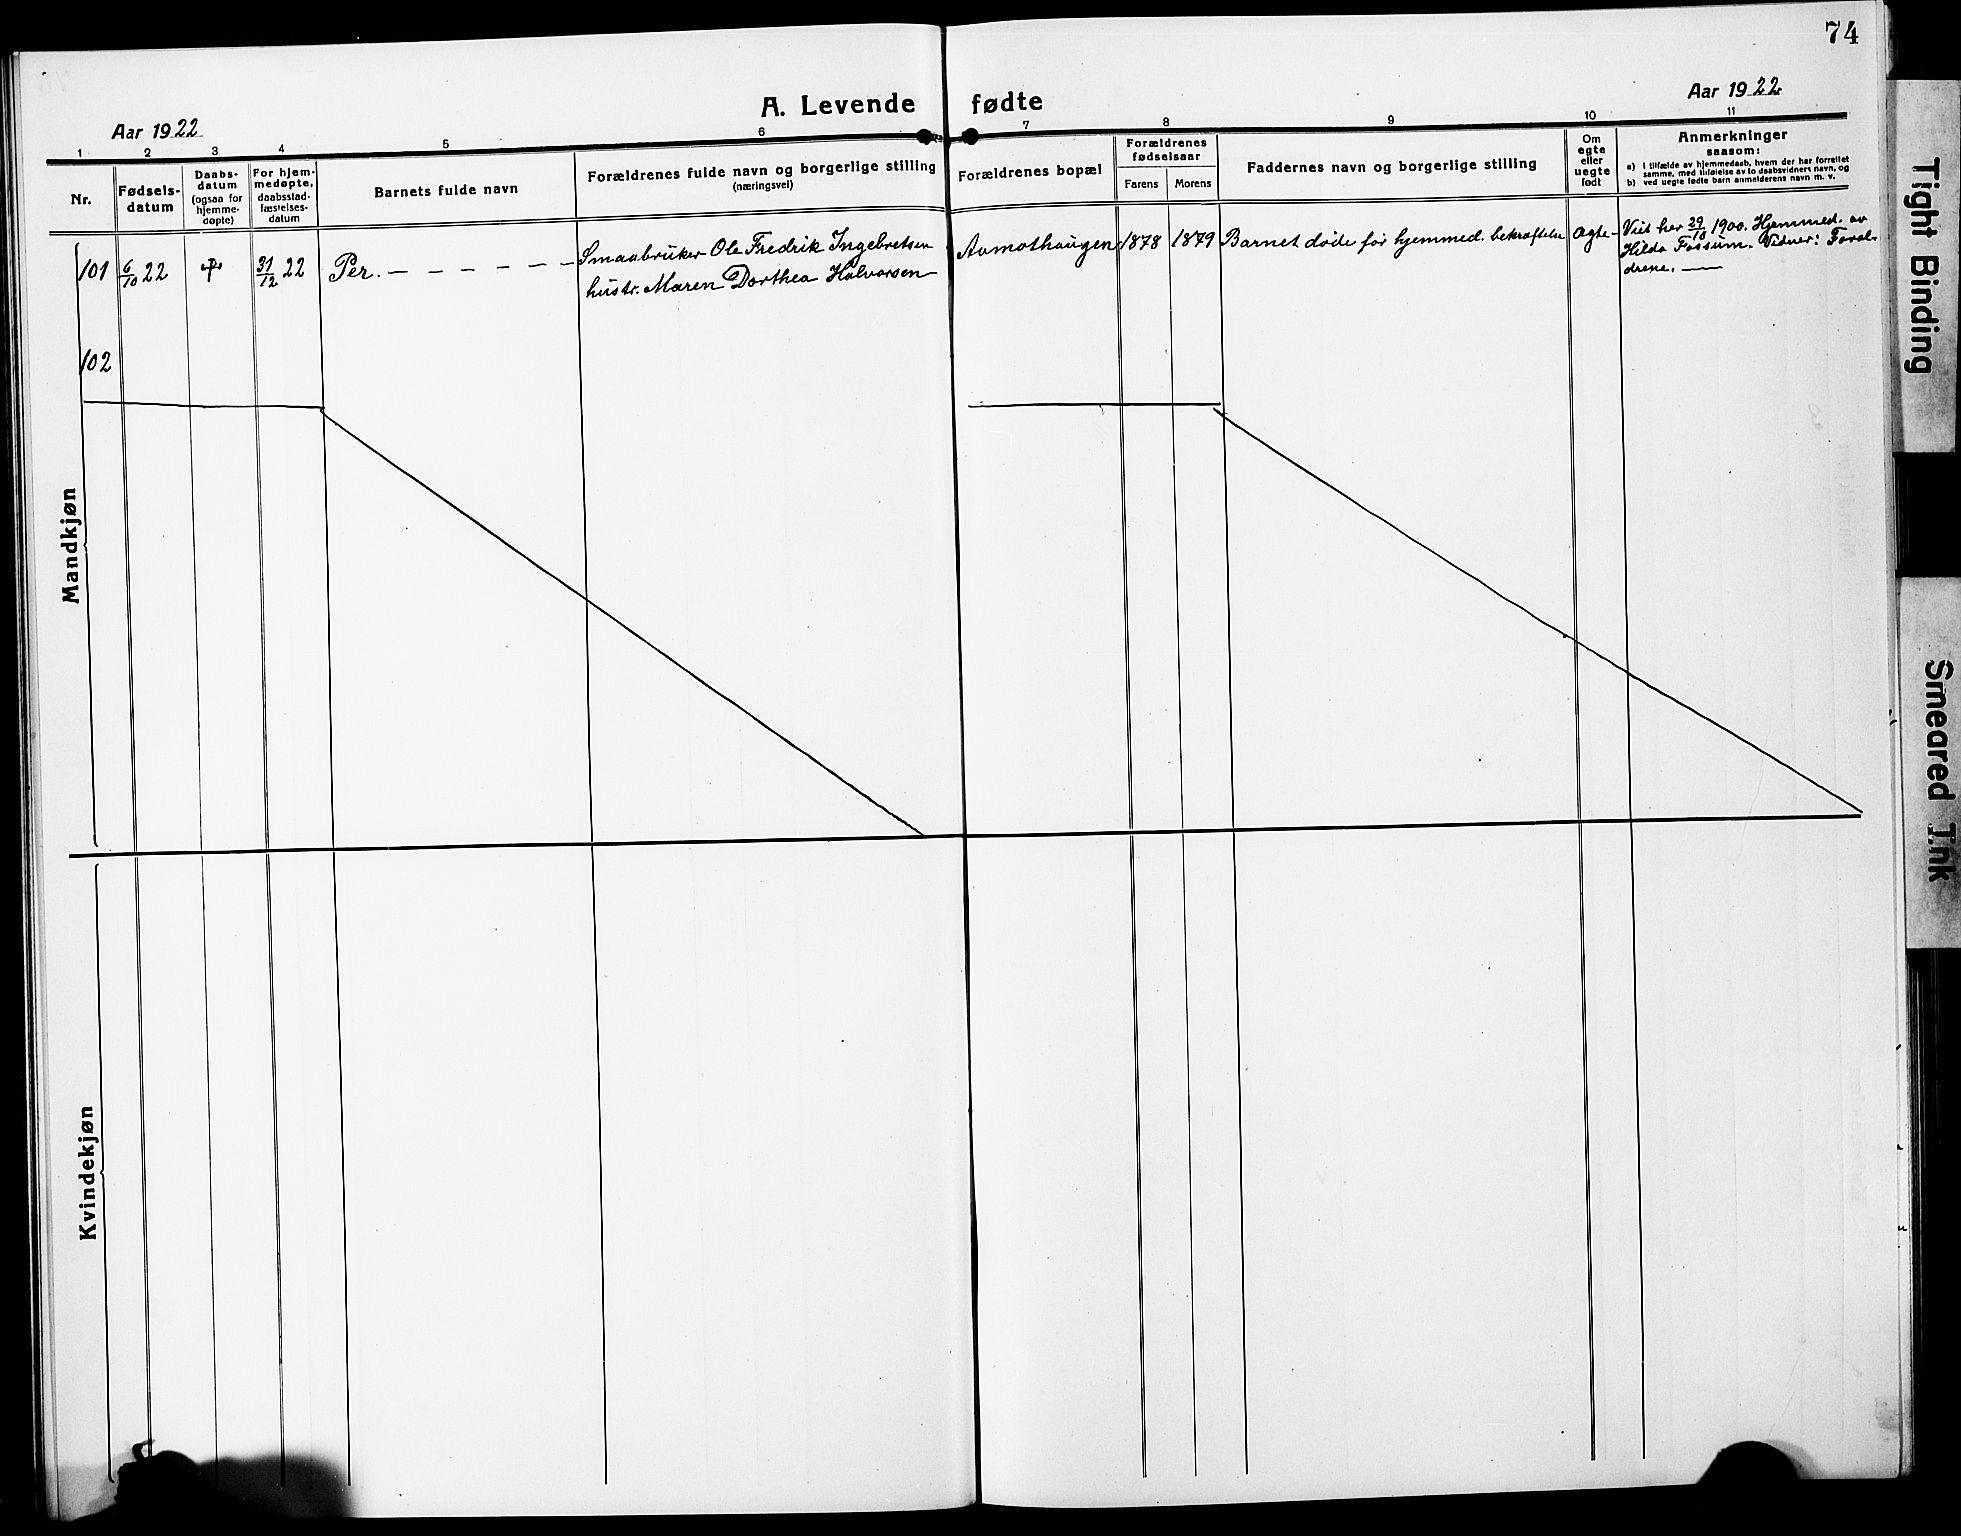 SAO, Eidsvoll prestekontor Kirkebøker, G/Ga/L0010: Klokkerbok nr. I 10, 1919-1929, s. 74